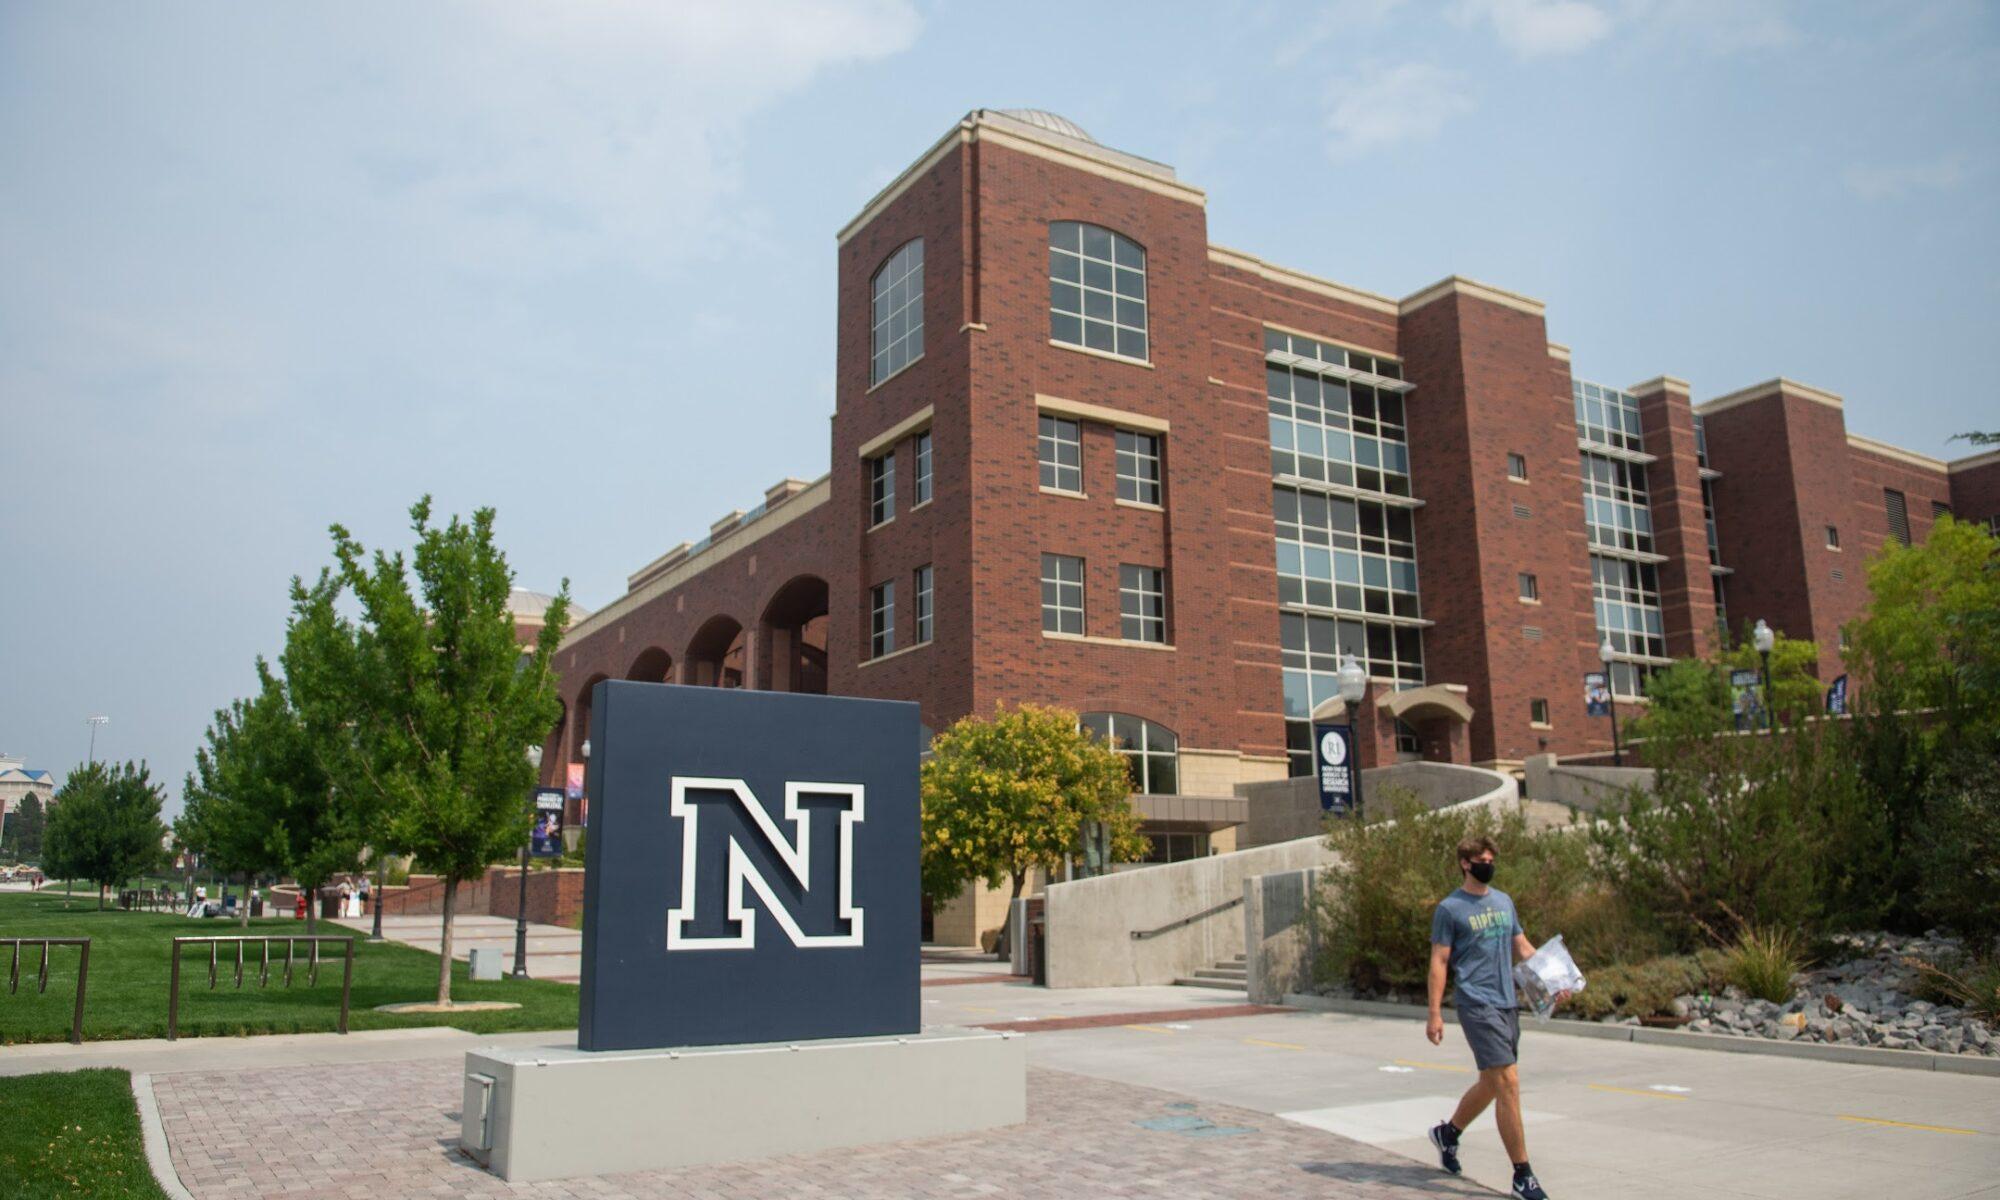 Un edificio de una universidad